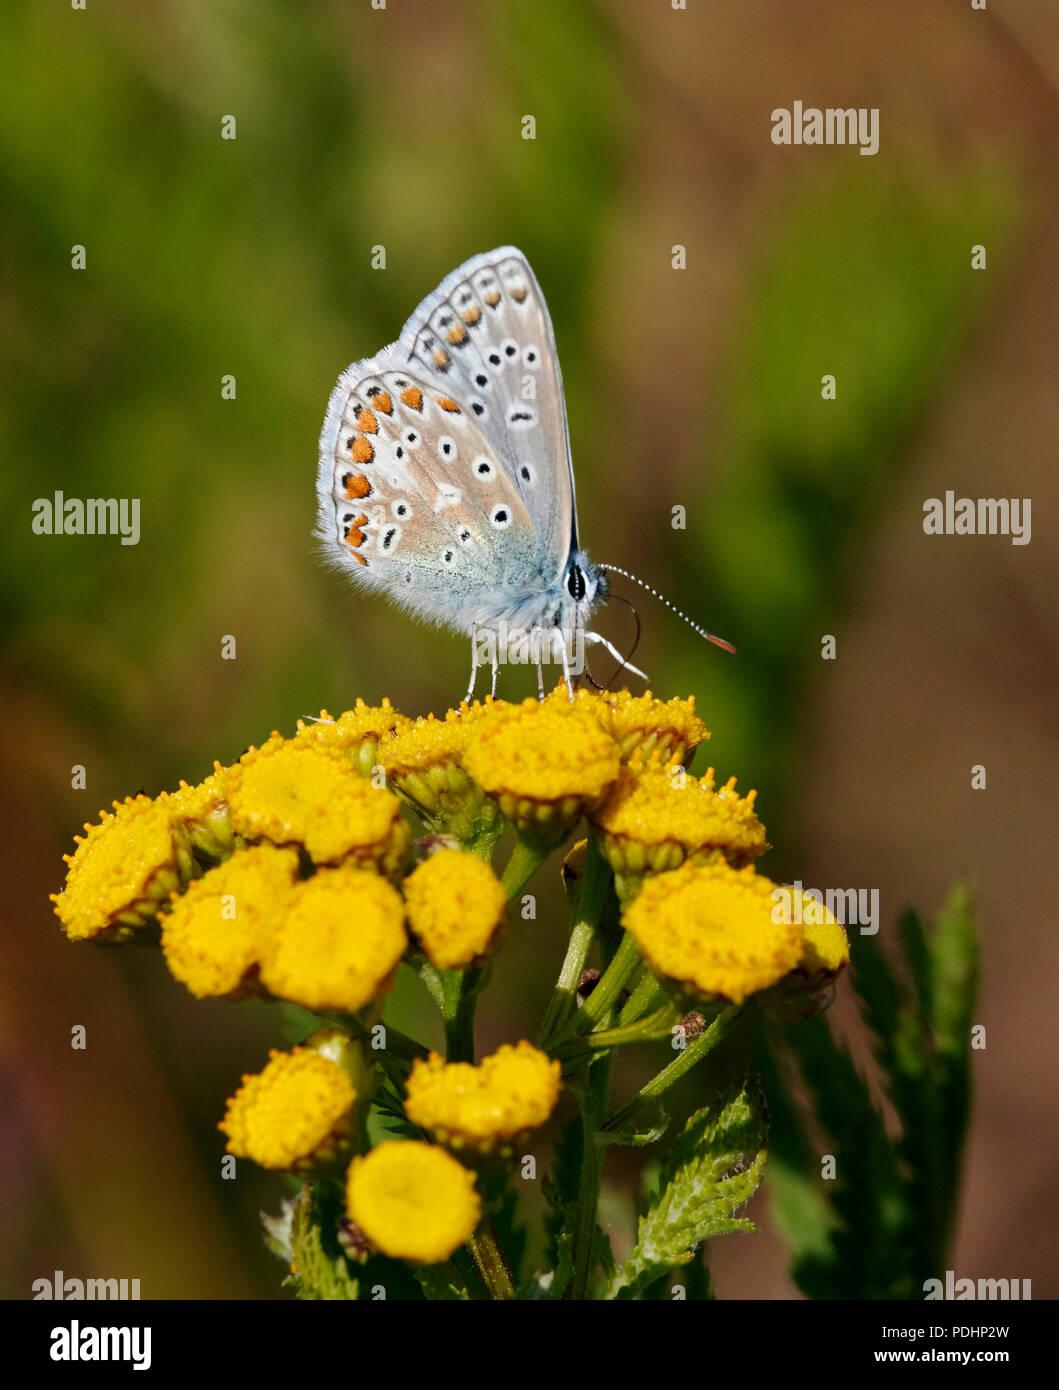 Gemeinsame Blau männlich nectaring auf RAINFARN. Hurst suchen, East Molesey, Surrey, England. Stockbild